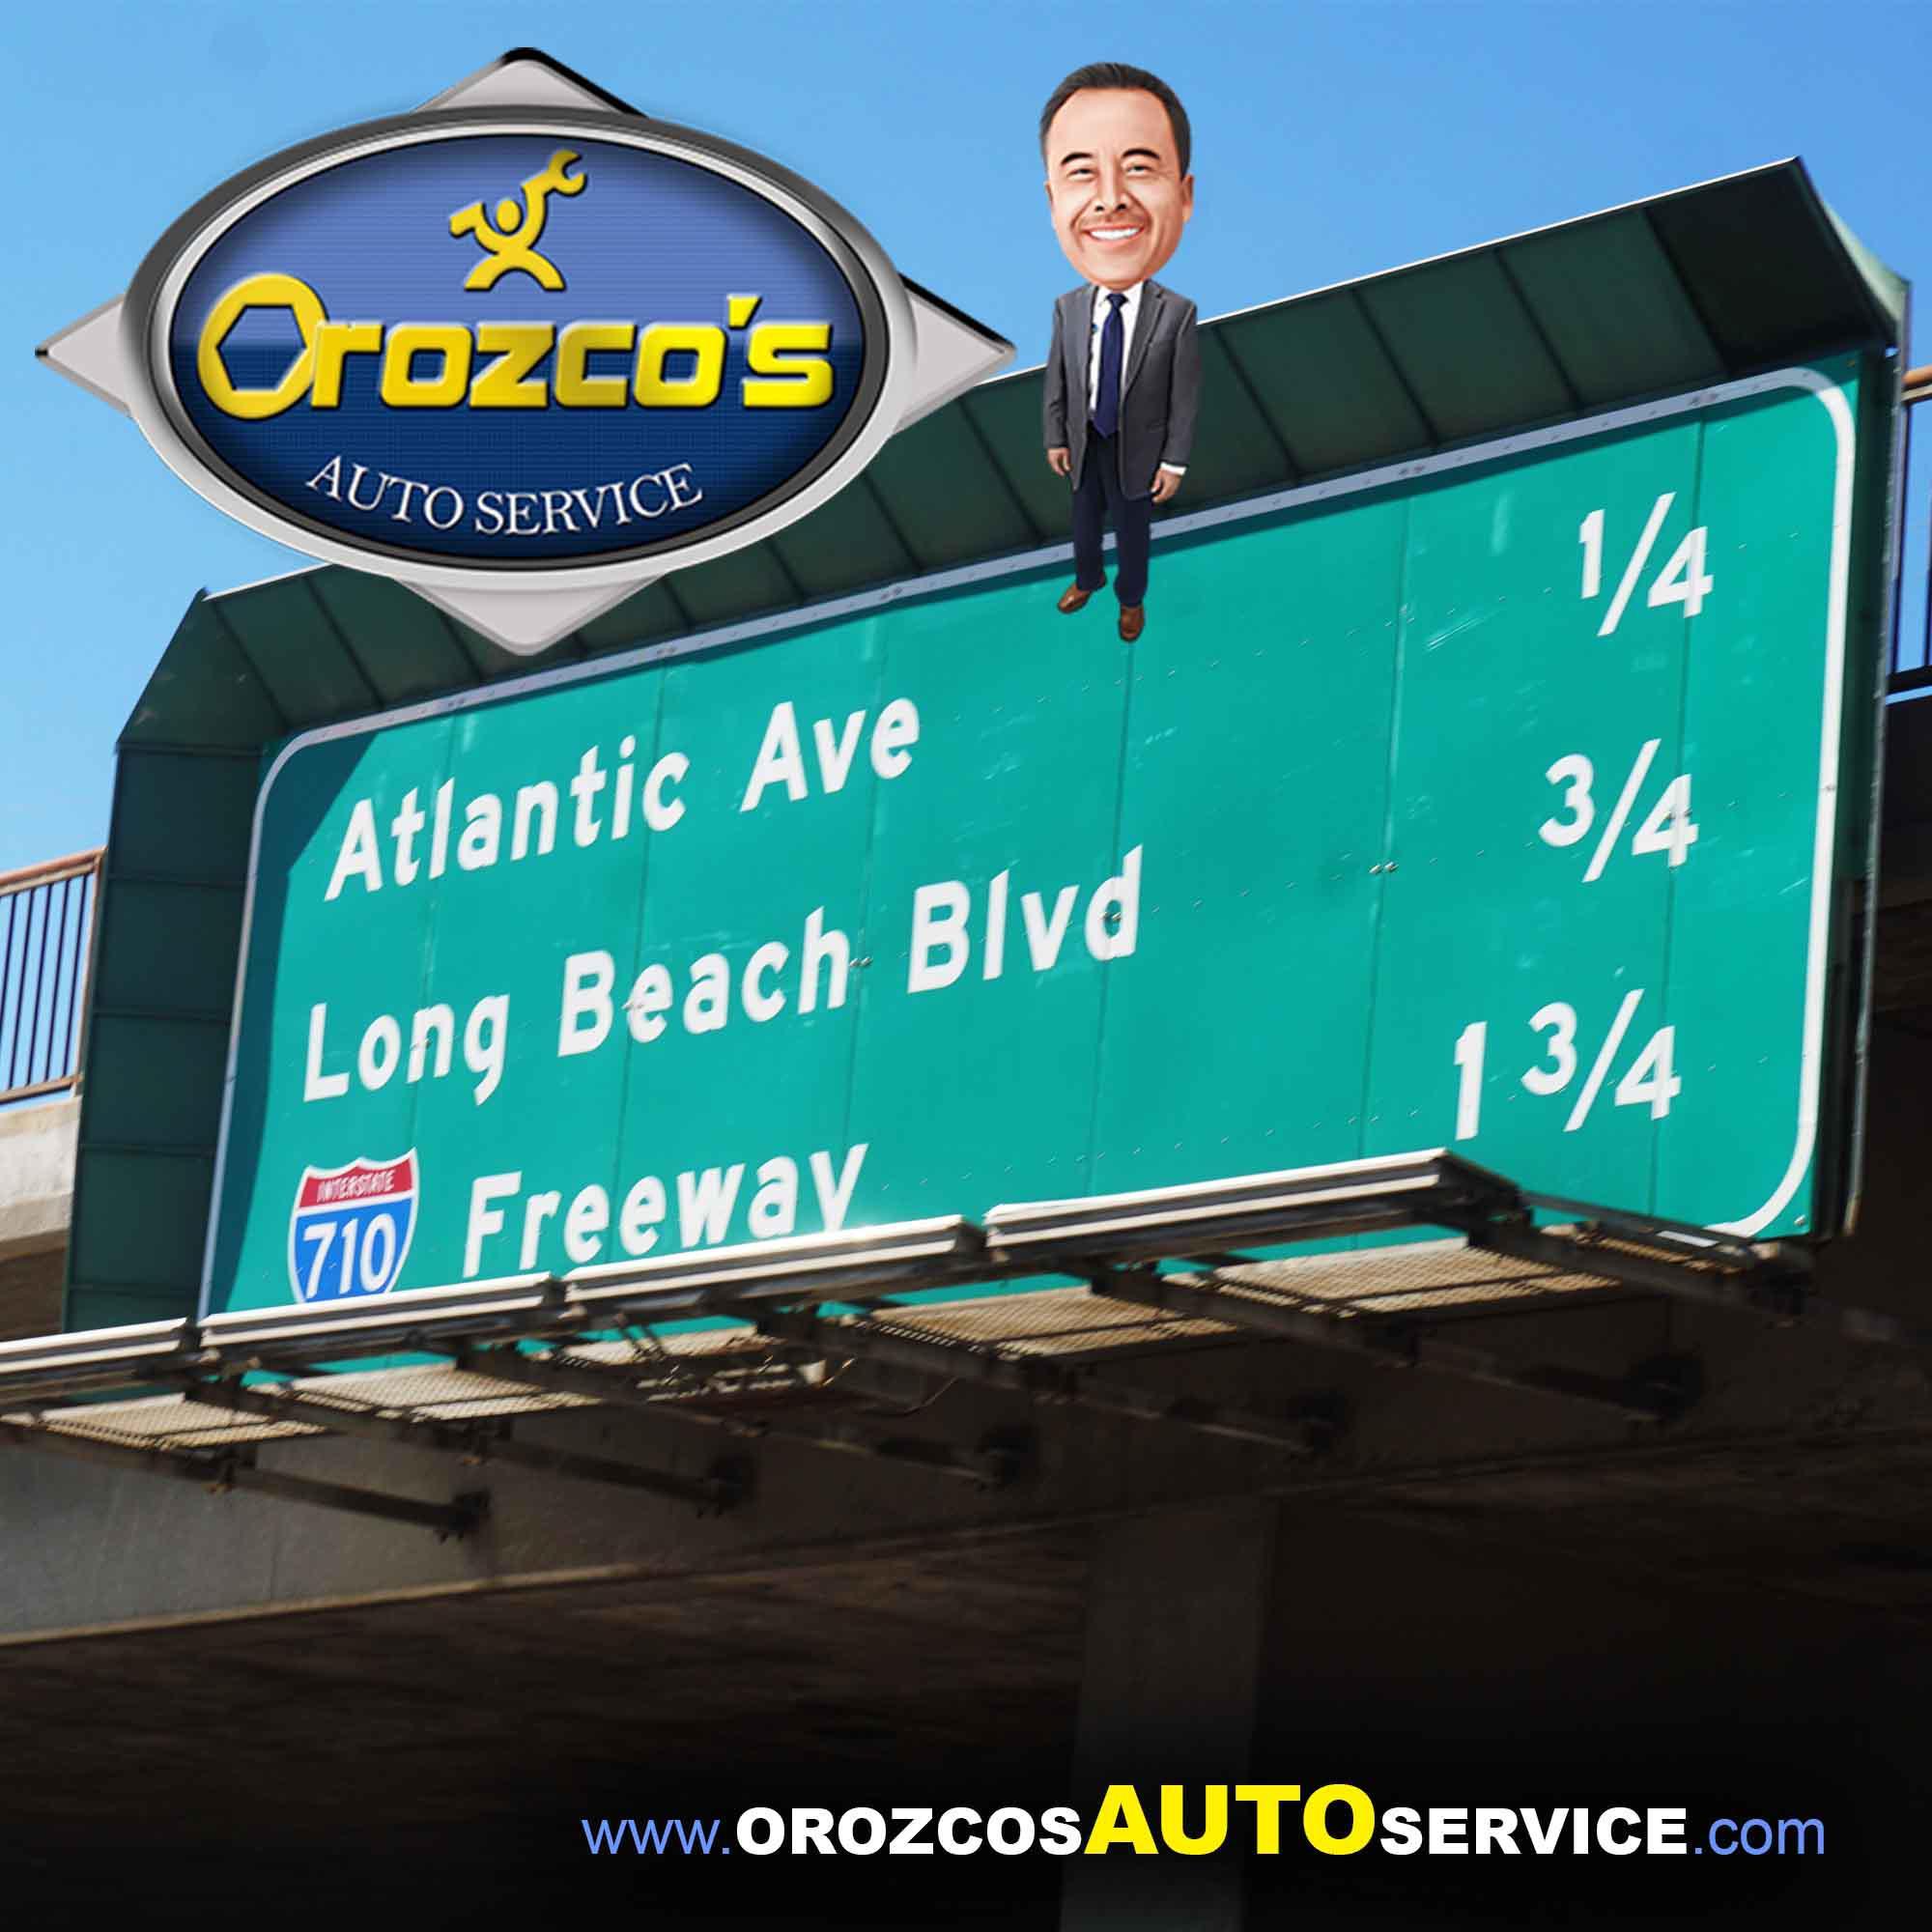 Orozco's Auto Service